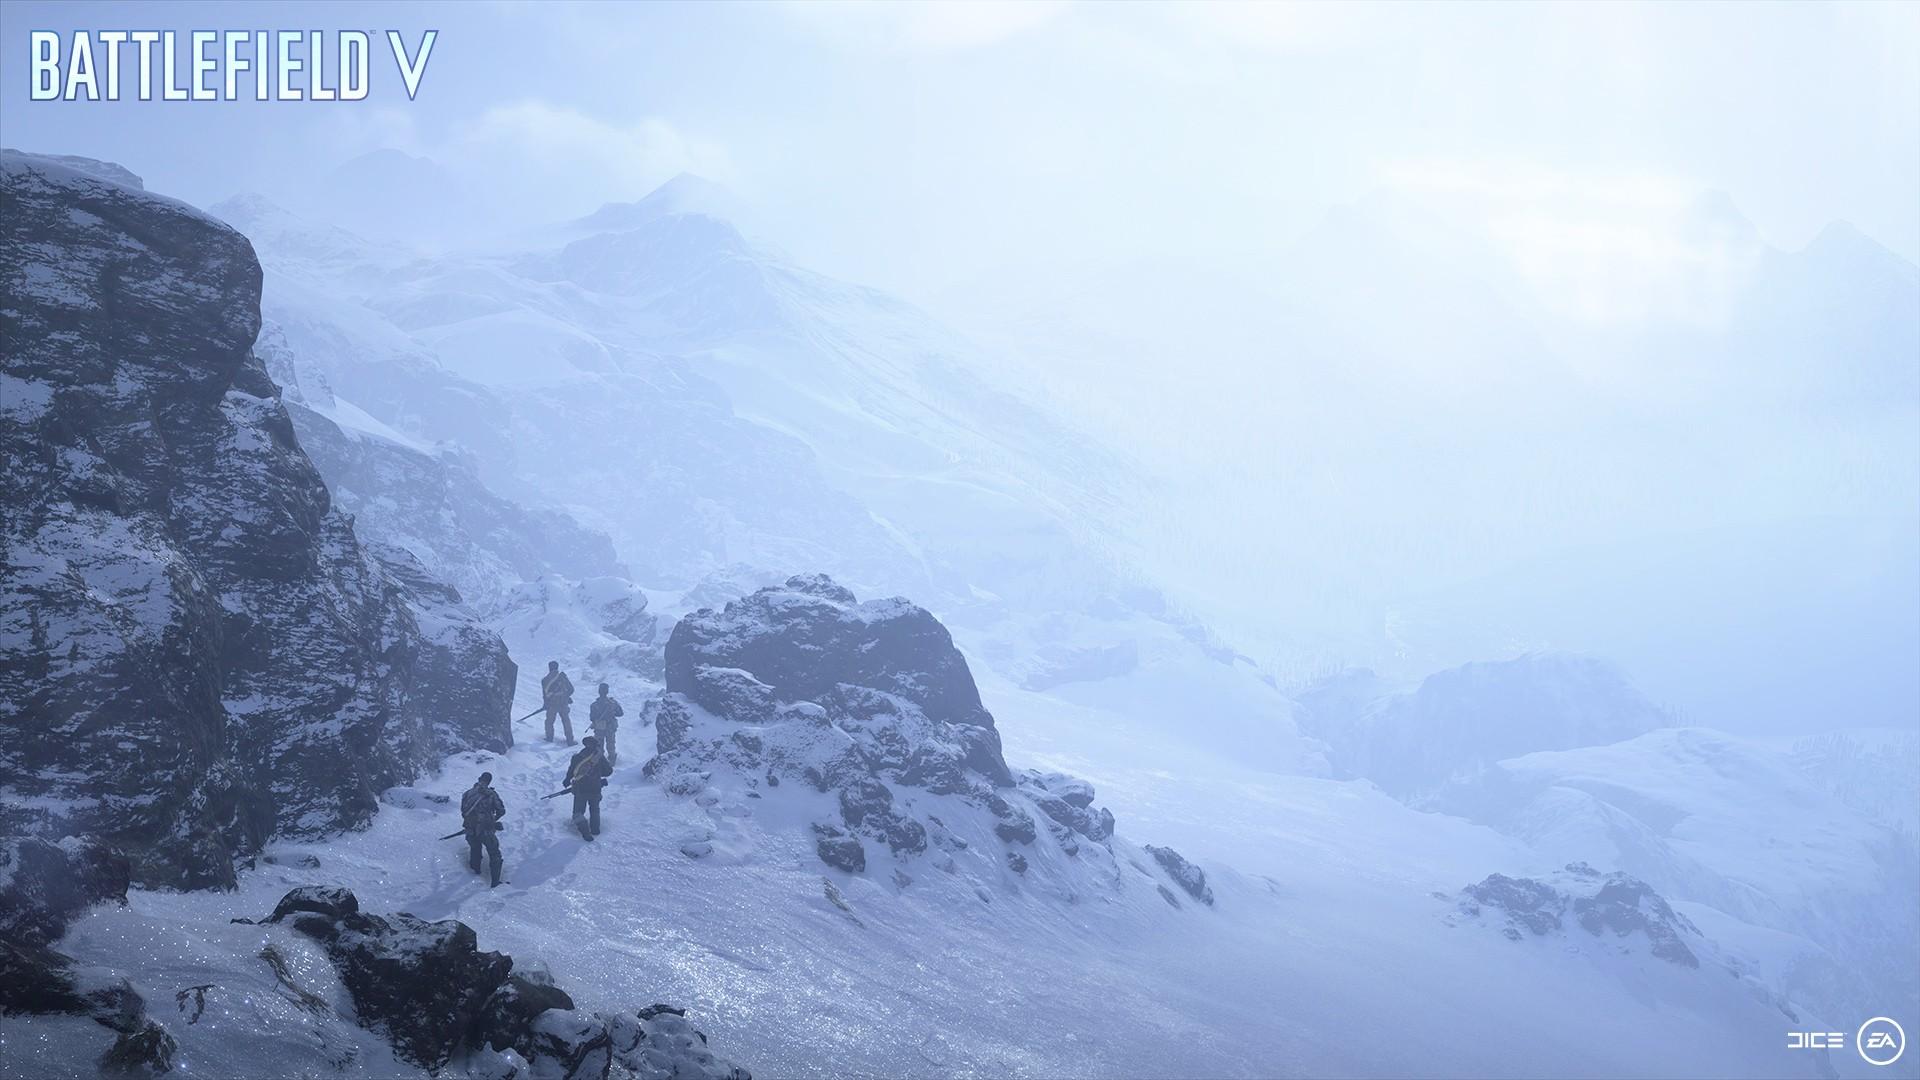 Battlefield 5 CPY